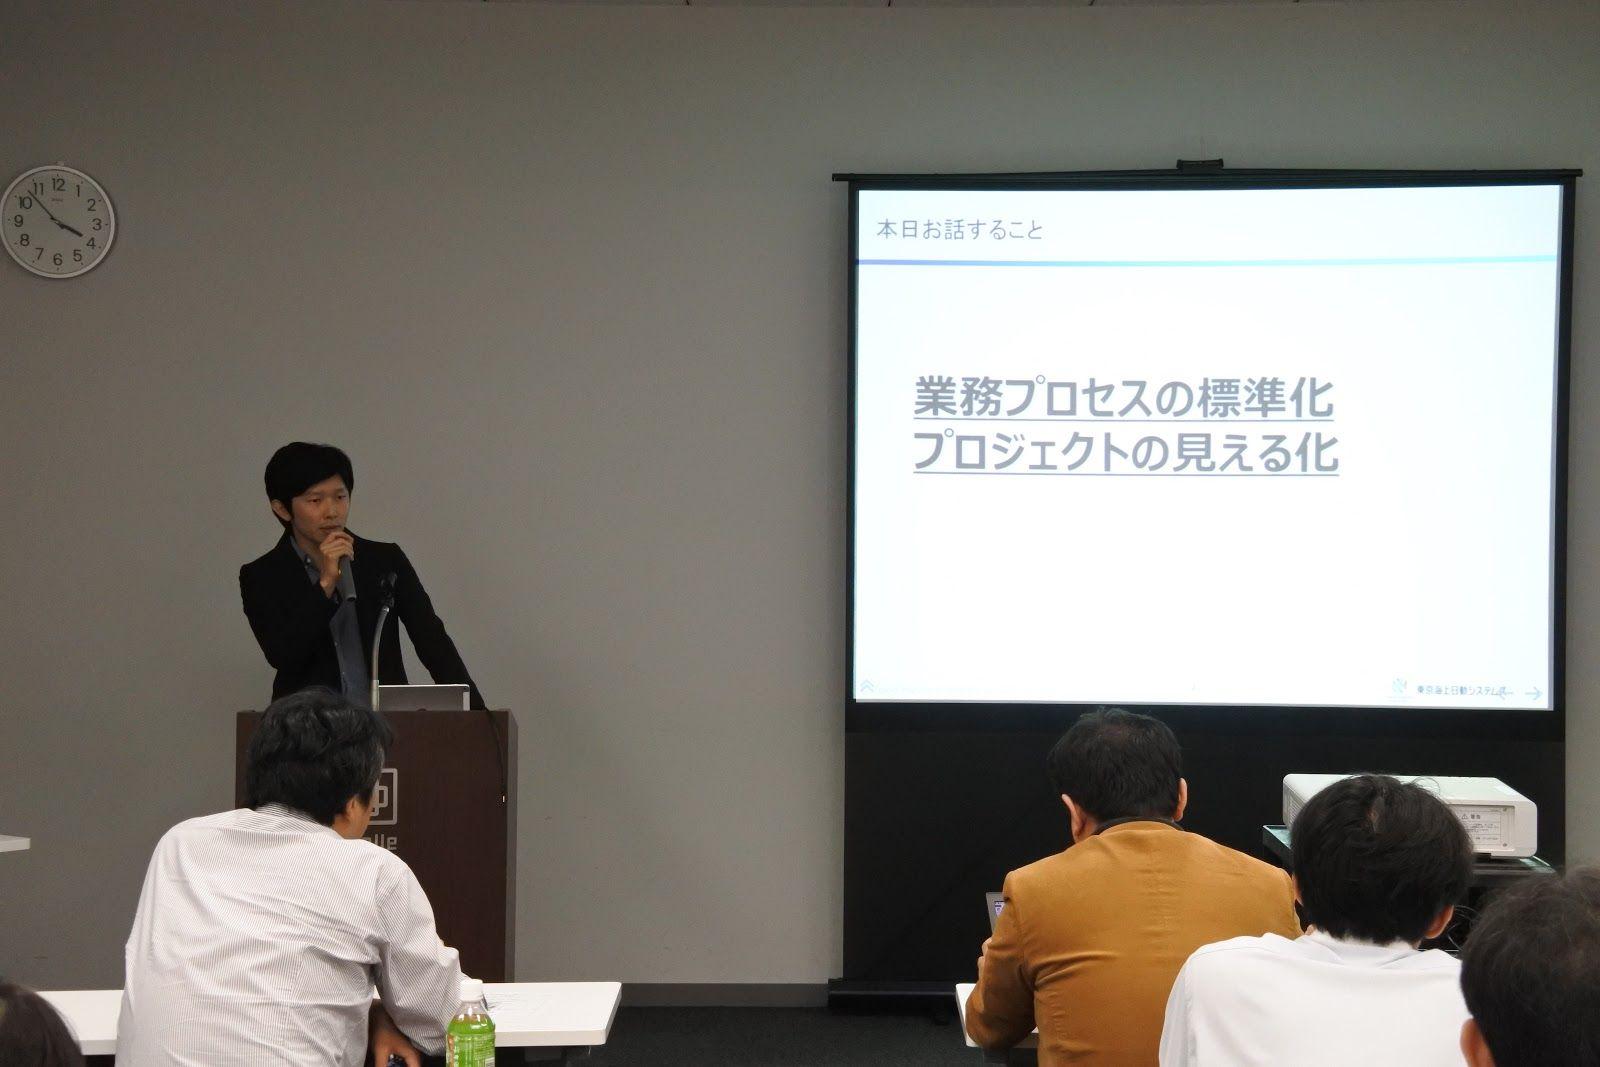 東京海上日動システムズ株式会社 開発品質管理部 杉本 直幸様